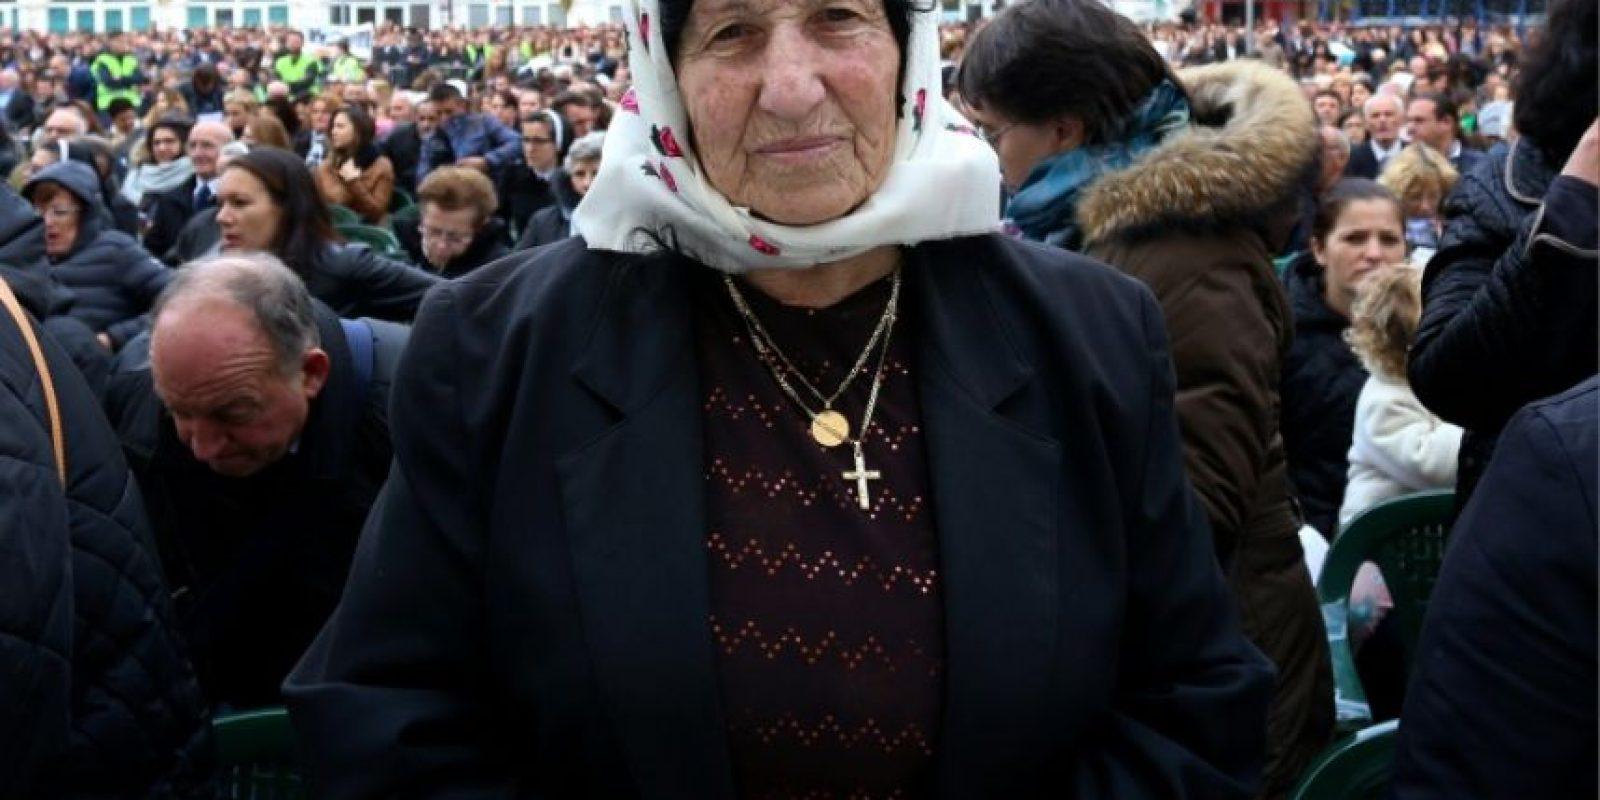 Una fiel asiste a una ceremonia de canonización de 38 mártires de la Iglesia católica en la ciudad de Shkoder, Albania, el 5 de noviembre de 2016. Foto:GENT SHKULLAKU/afp.com